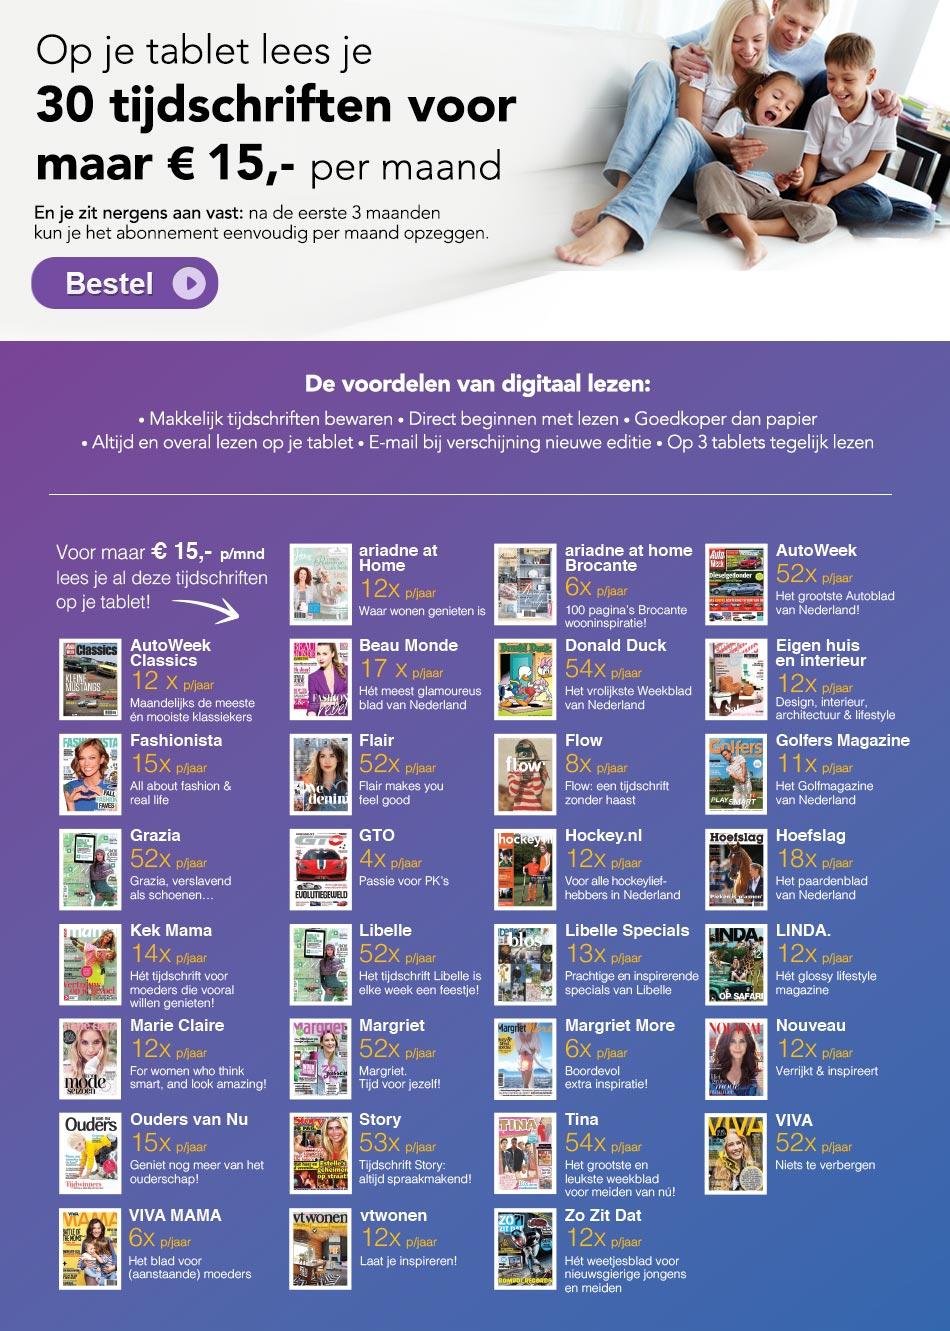 30 Digitale Tijdschriften voor maar €15 per maand @ Tijdschrift.nl